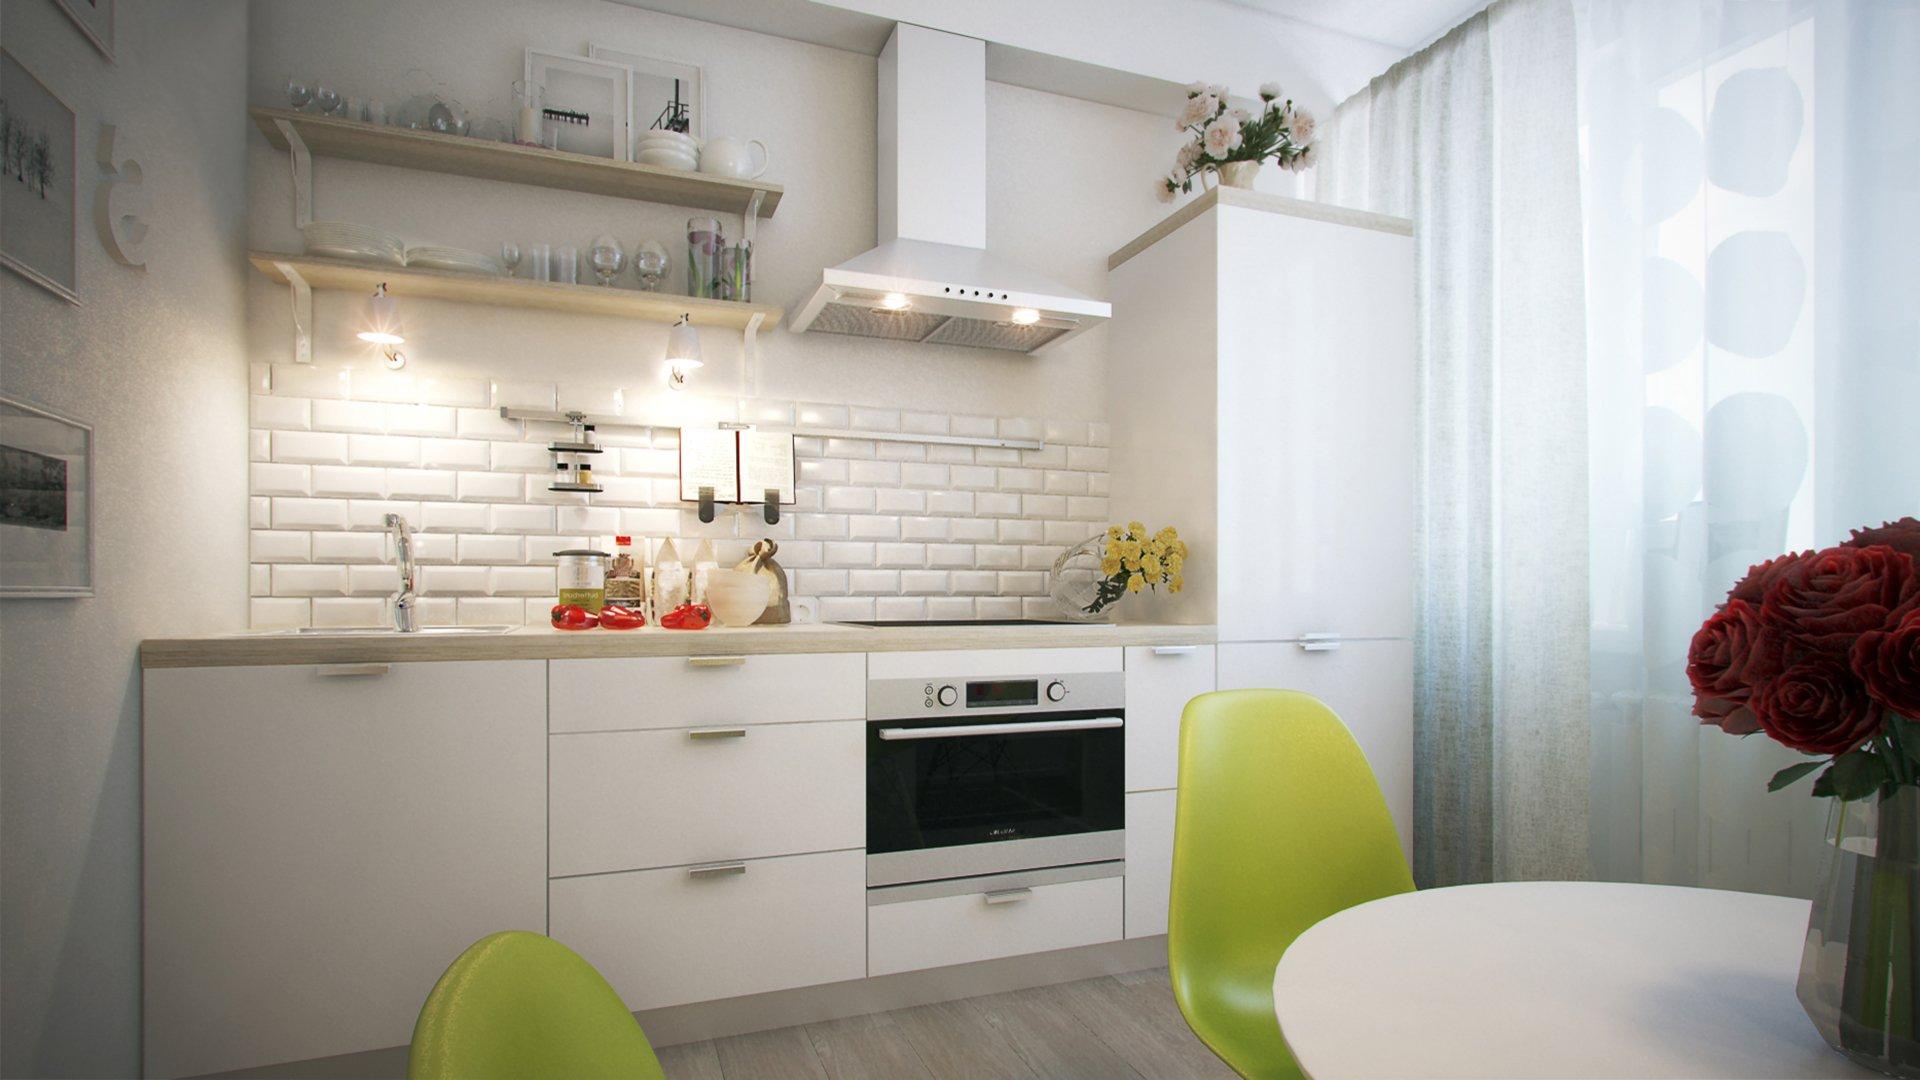 кухня без верхних шкафов 61 фото угловые кухонные гарнитуры без